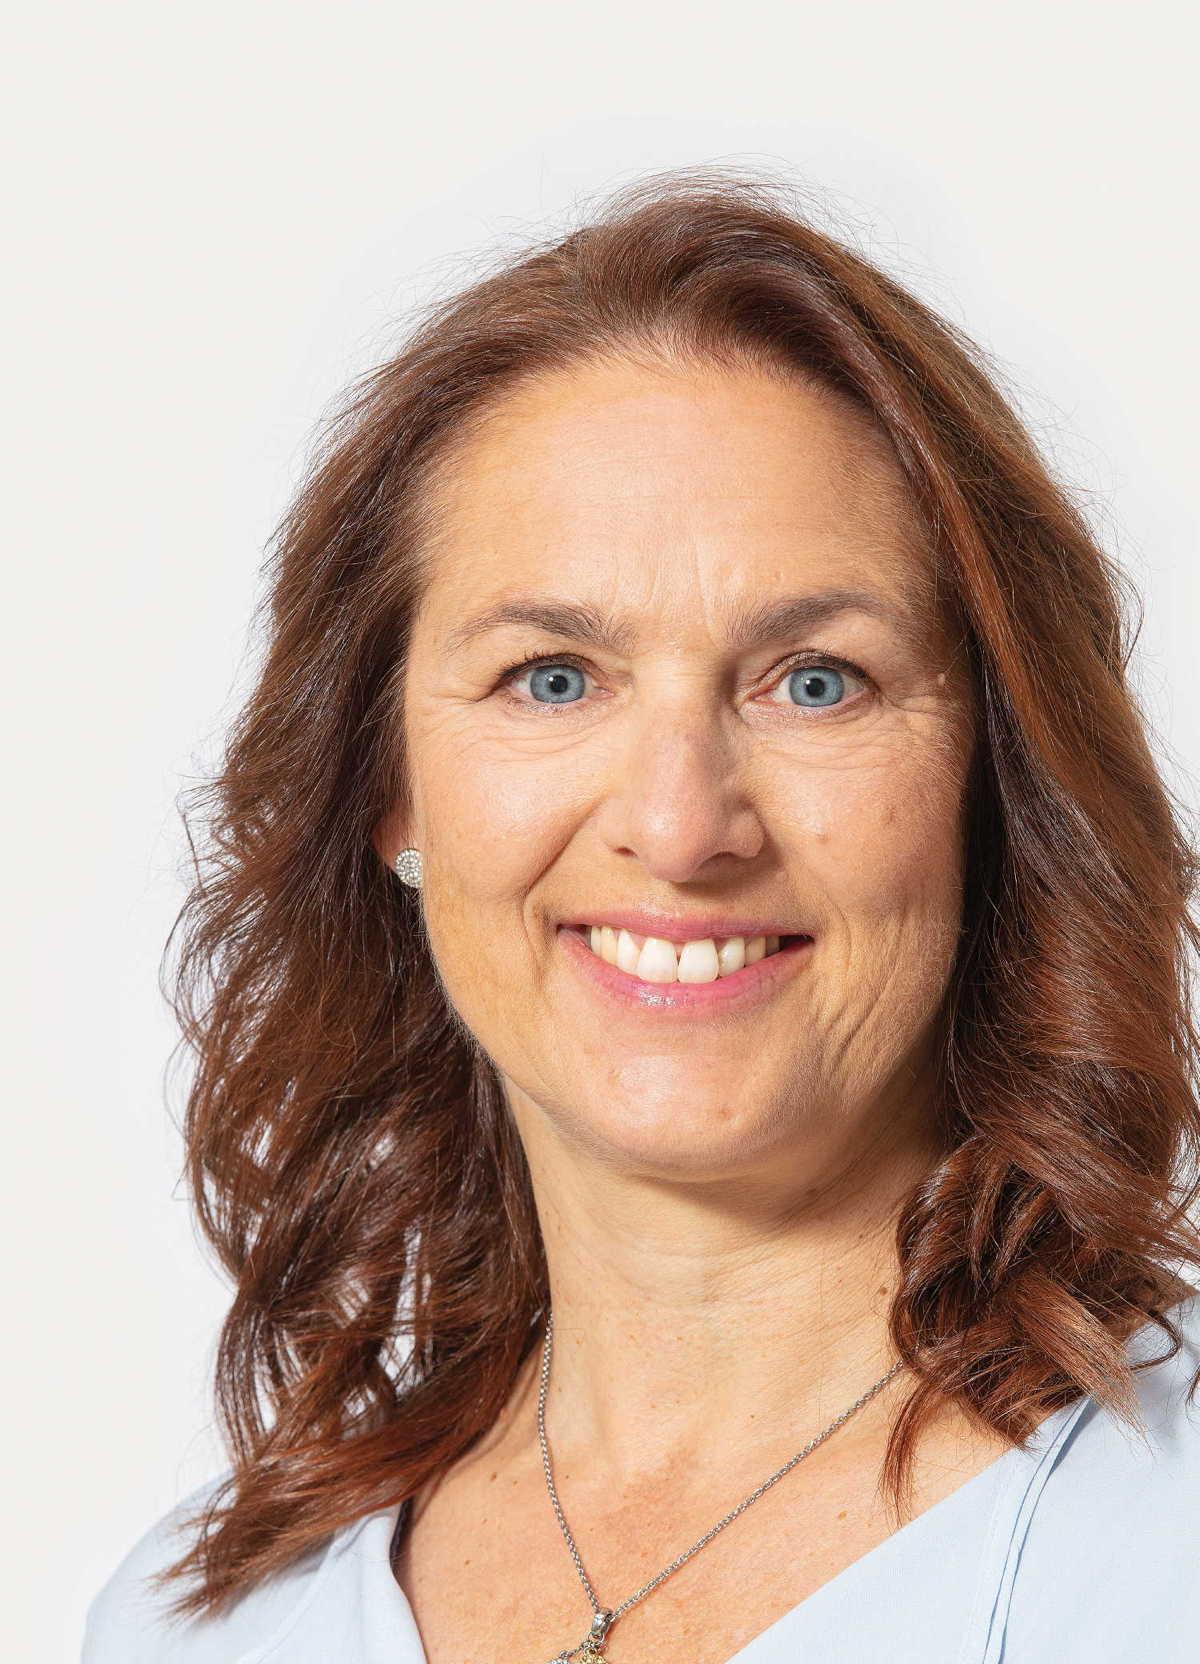 Monika Kohleisen